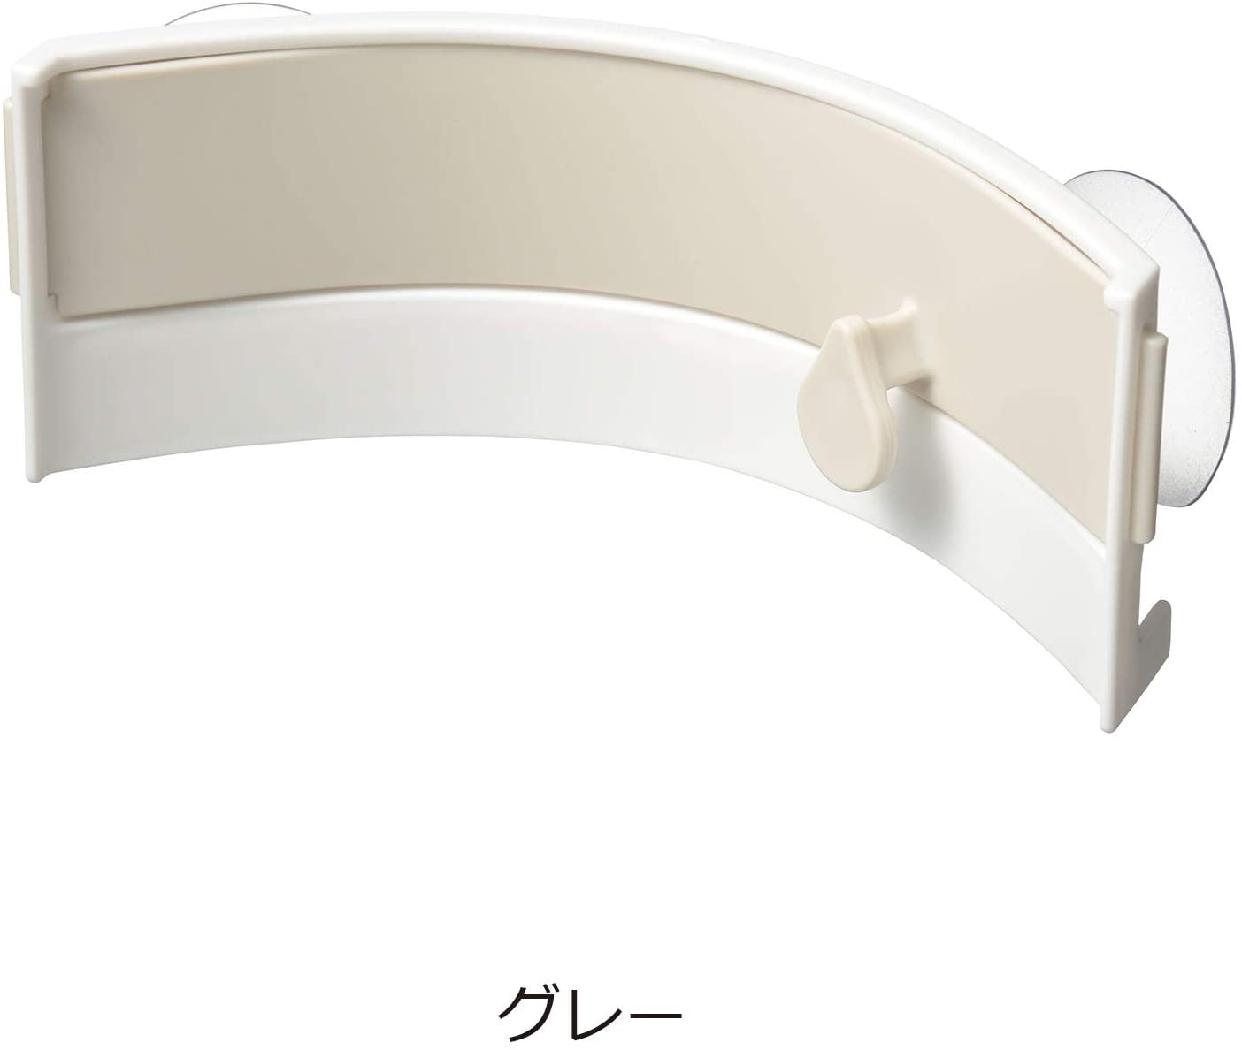 AUX(オークス) パコン!としまるごみ袋ホルダー  【レイエ】  LS1517の商品画像7